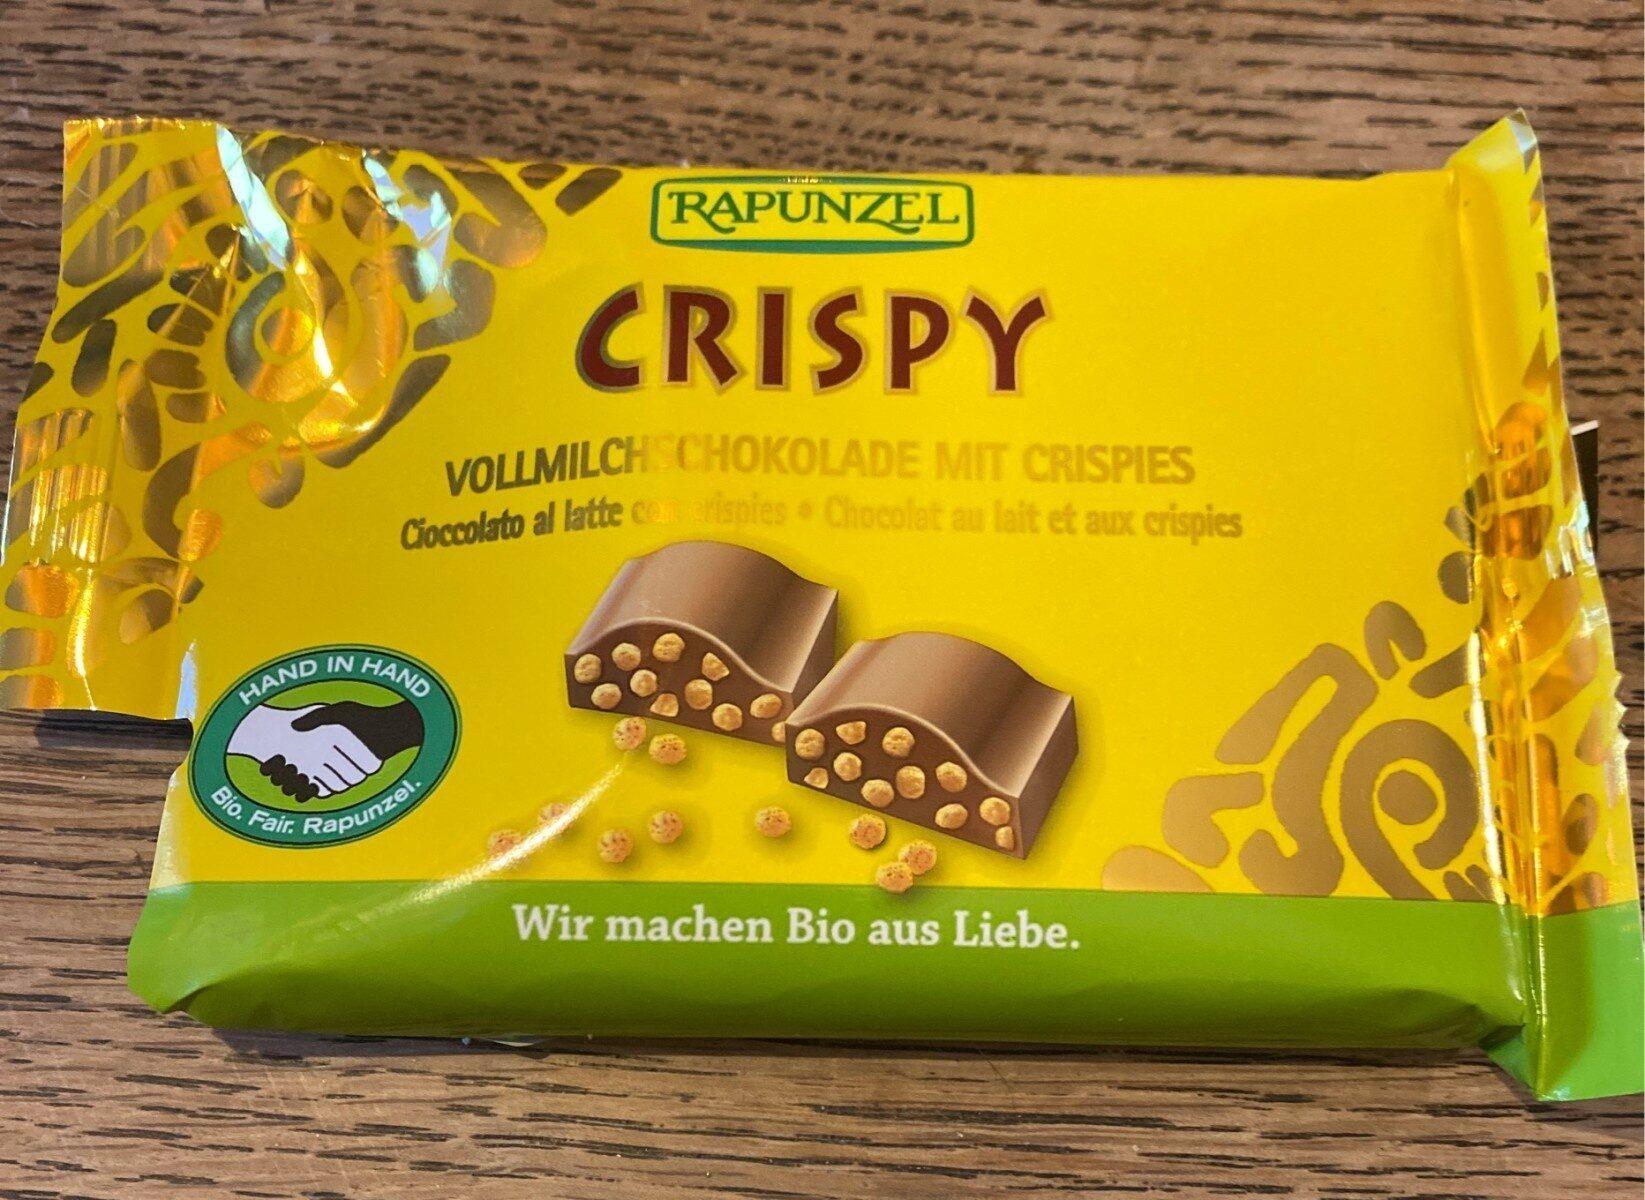 CRISPY Chocolat au lait et aux crispies - Nährwertangaben - de